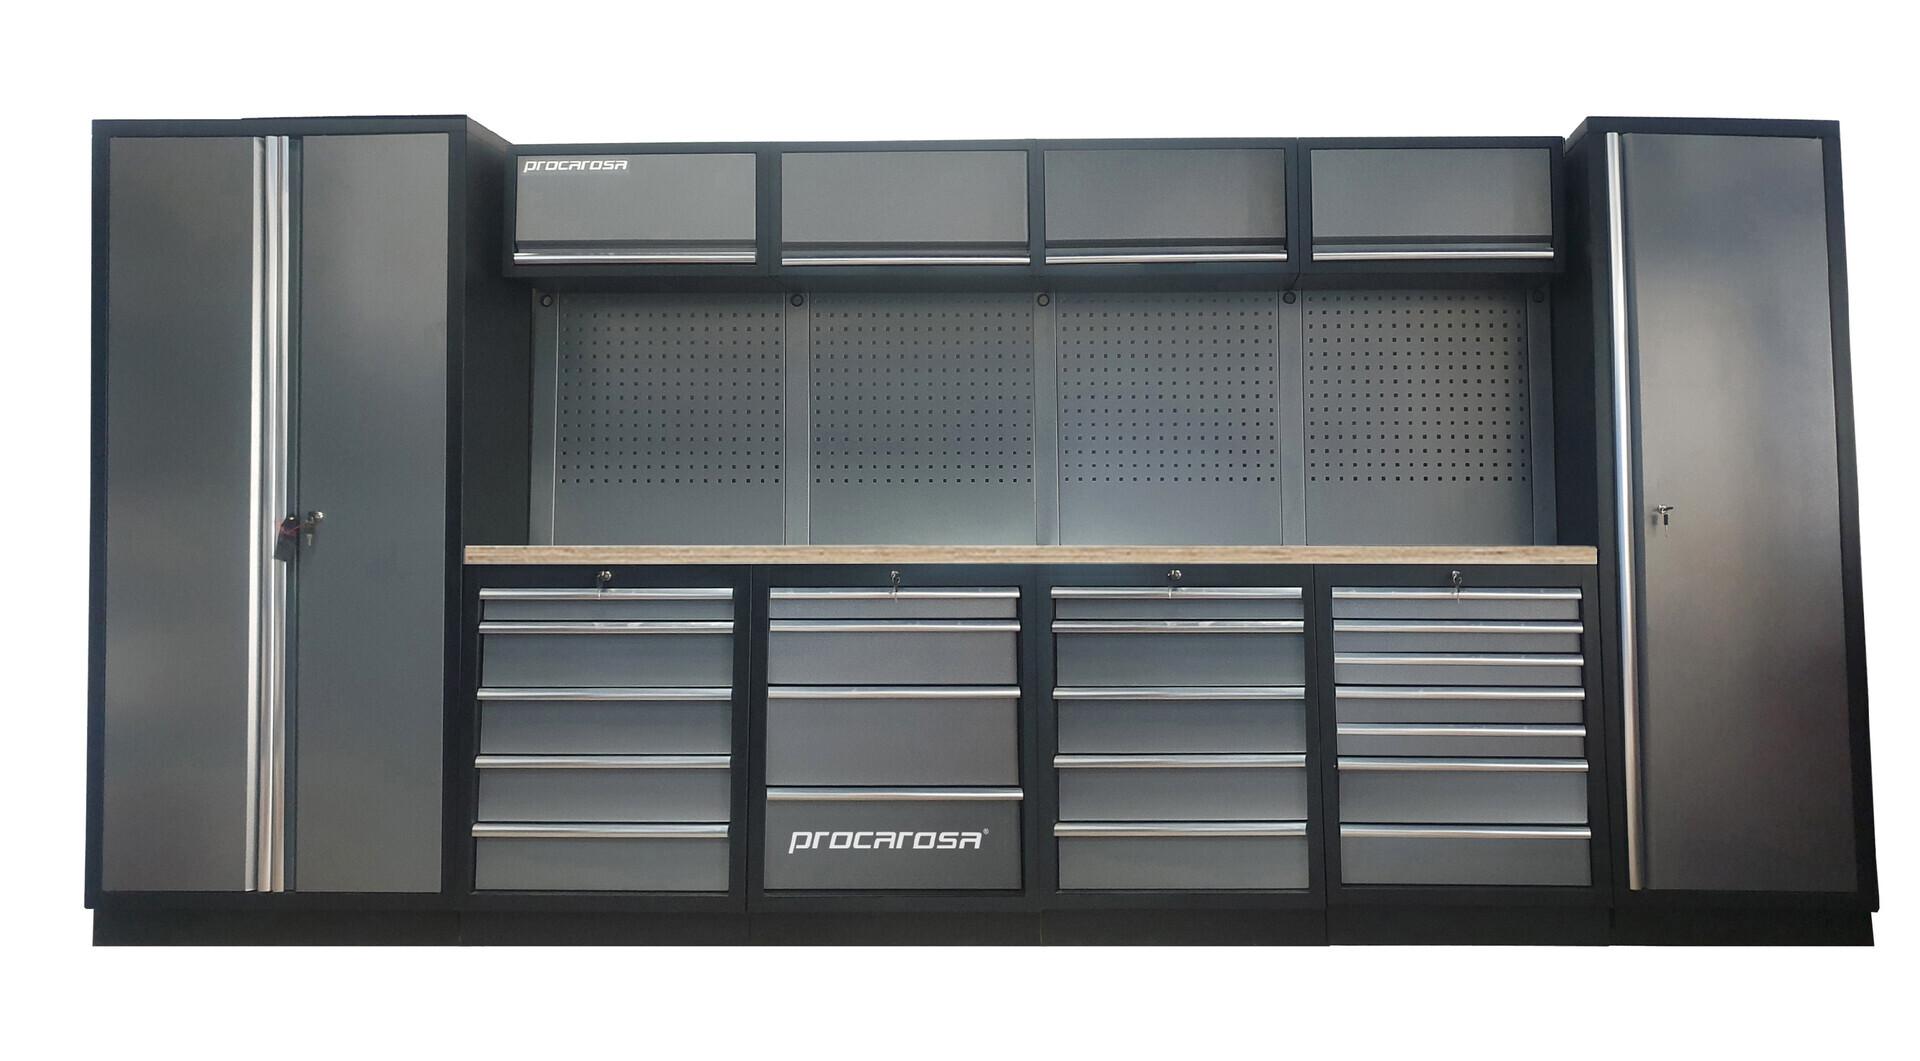 Sestava dílenského nábytku Procarosa PROFESSIONAL XL-8 Pracovní deska: dřevěná, Hmotnost: